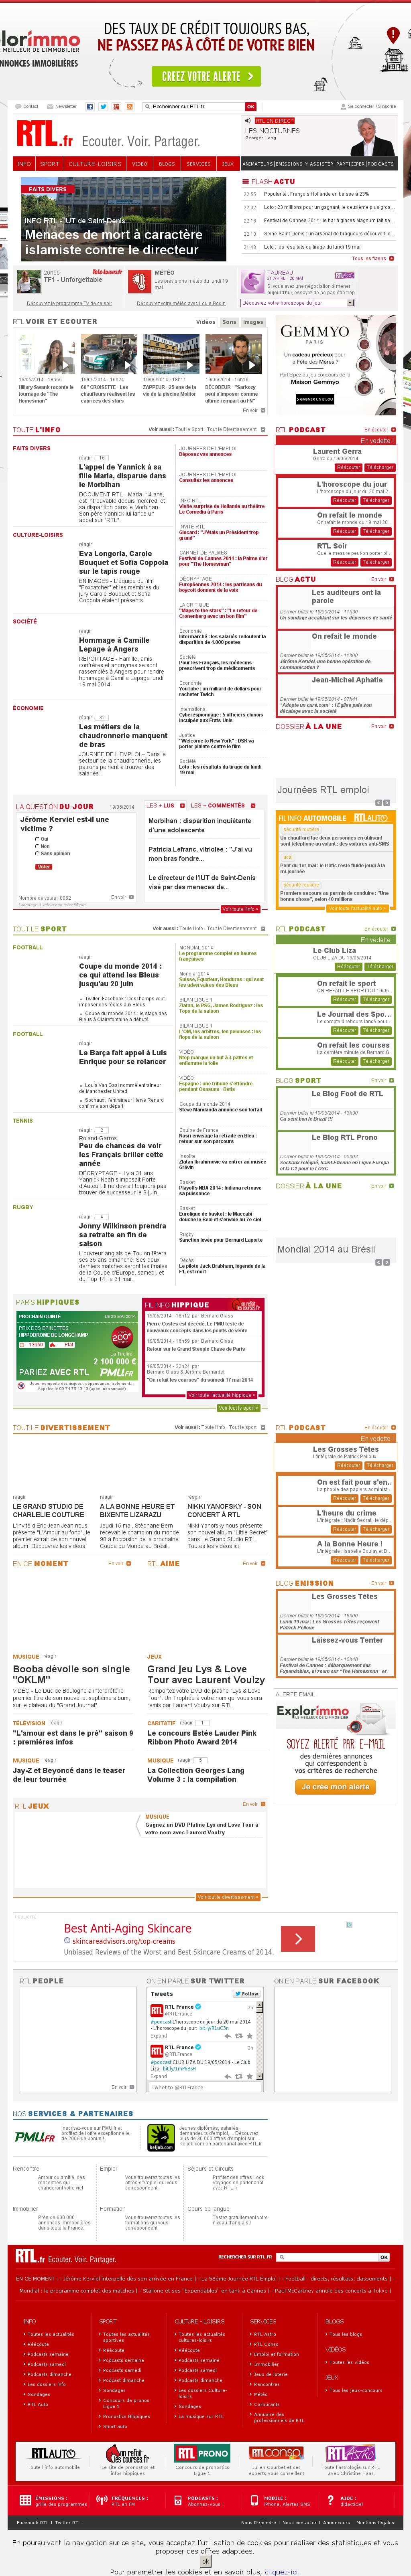 RTL at Tuesday May 20, 2014, 12:20 a.m. UTC